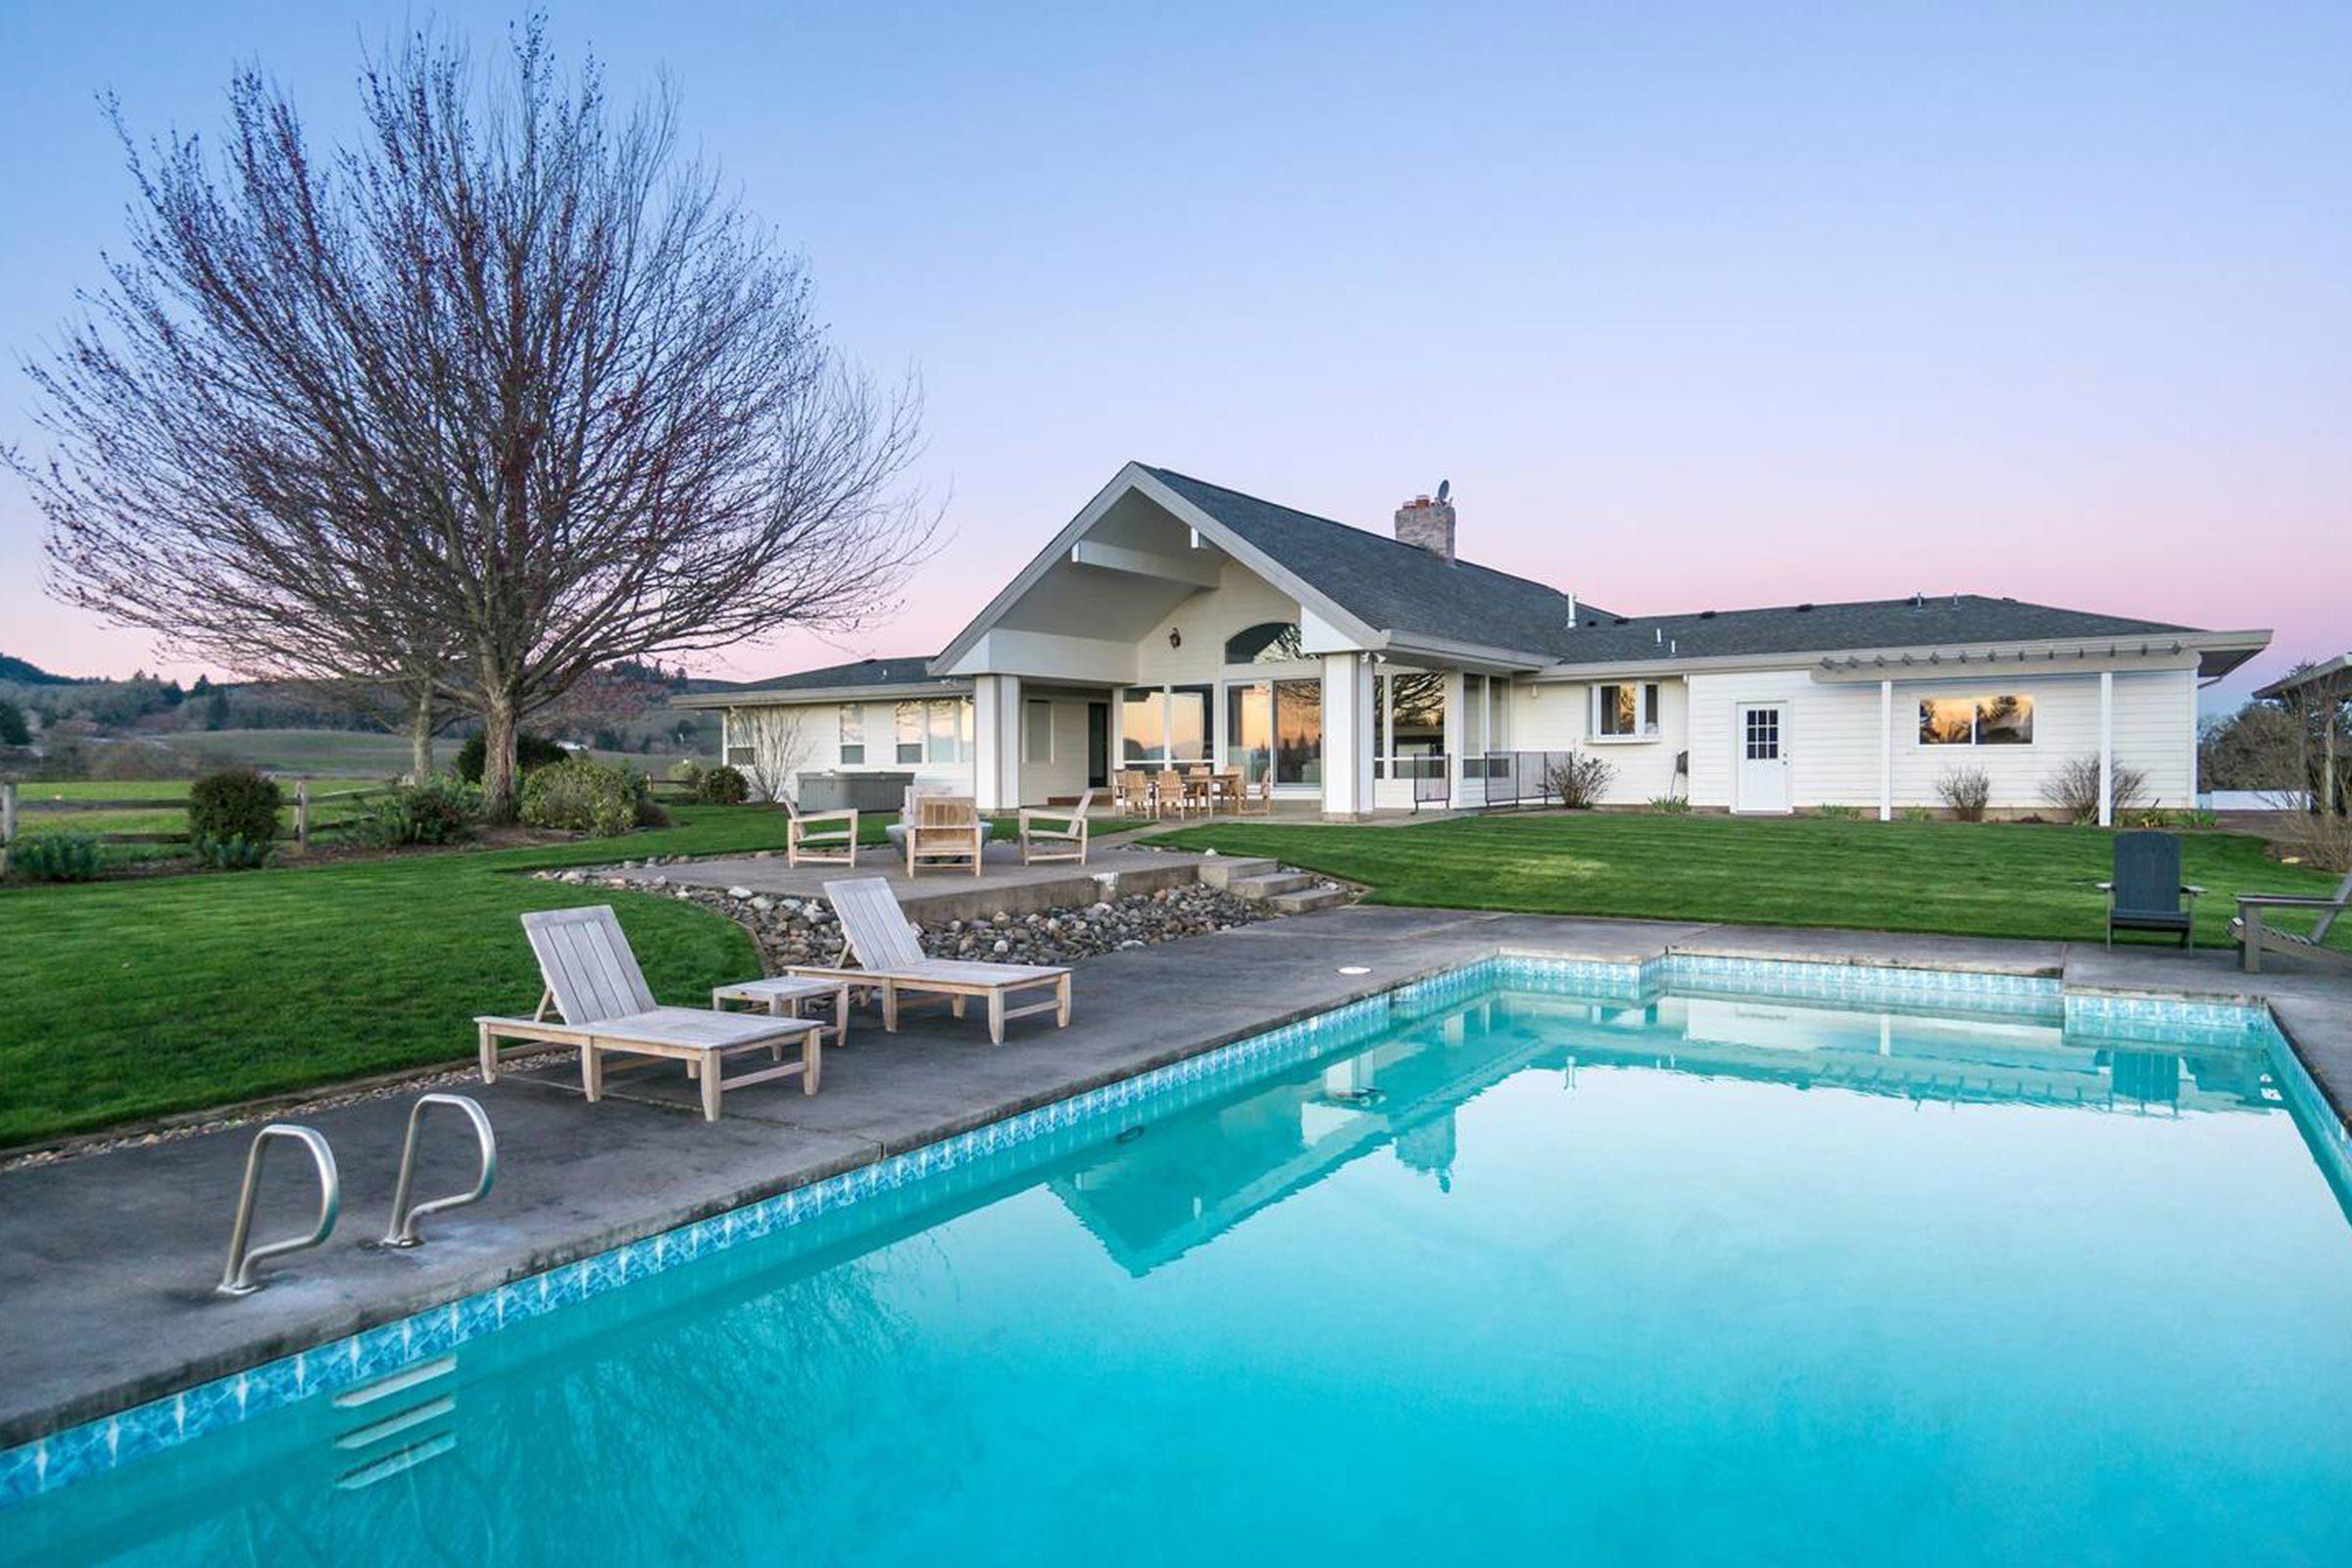 Oregon airbnb